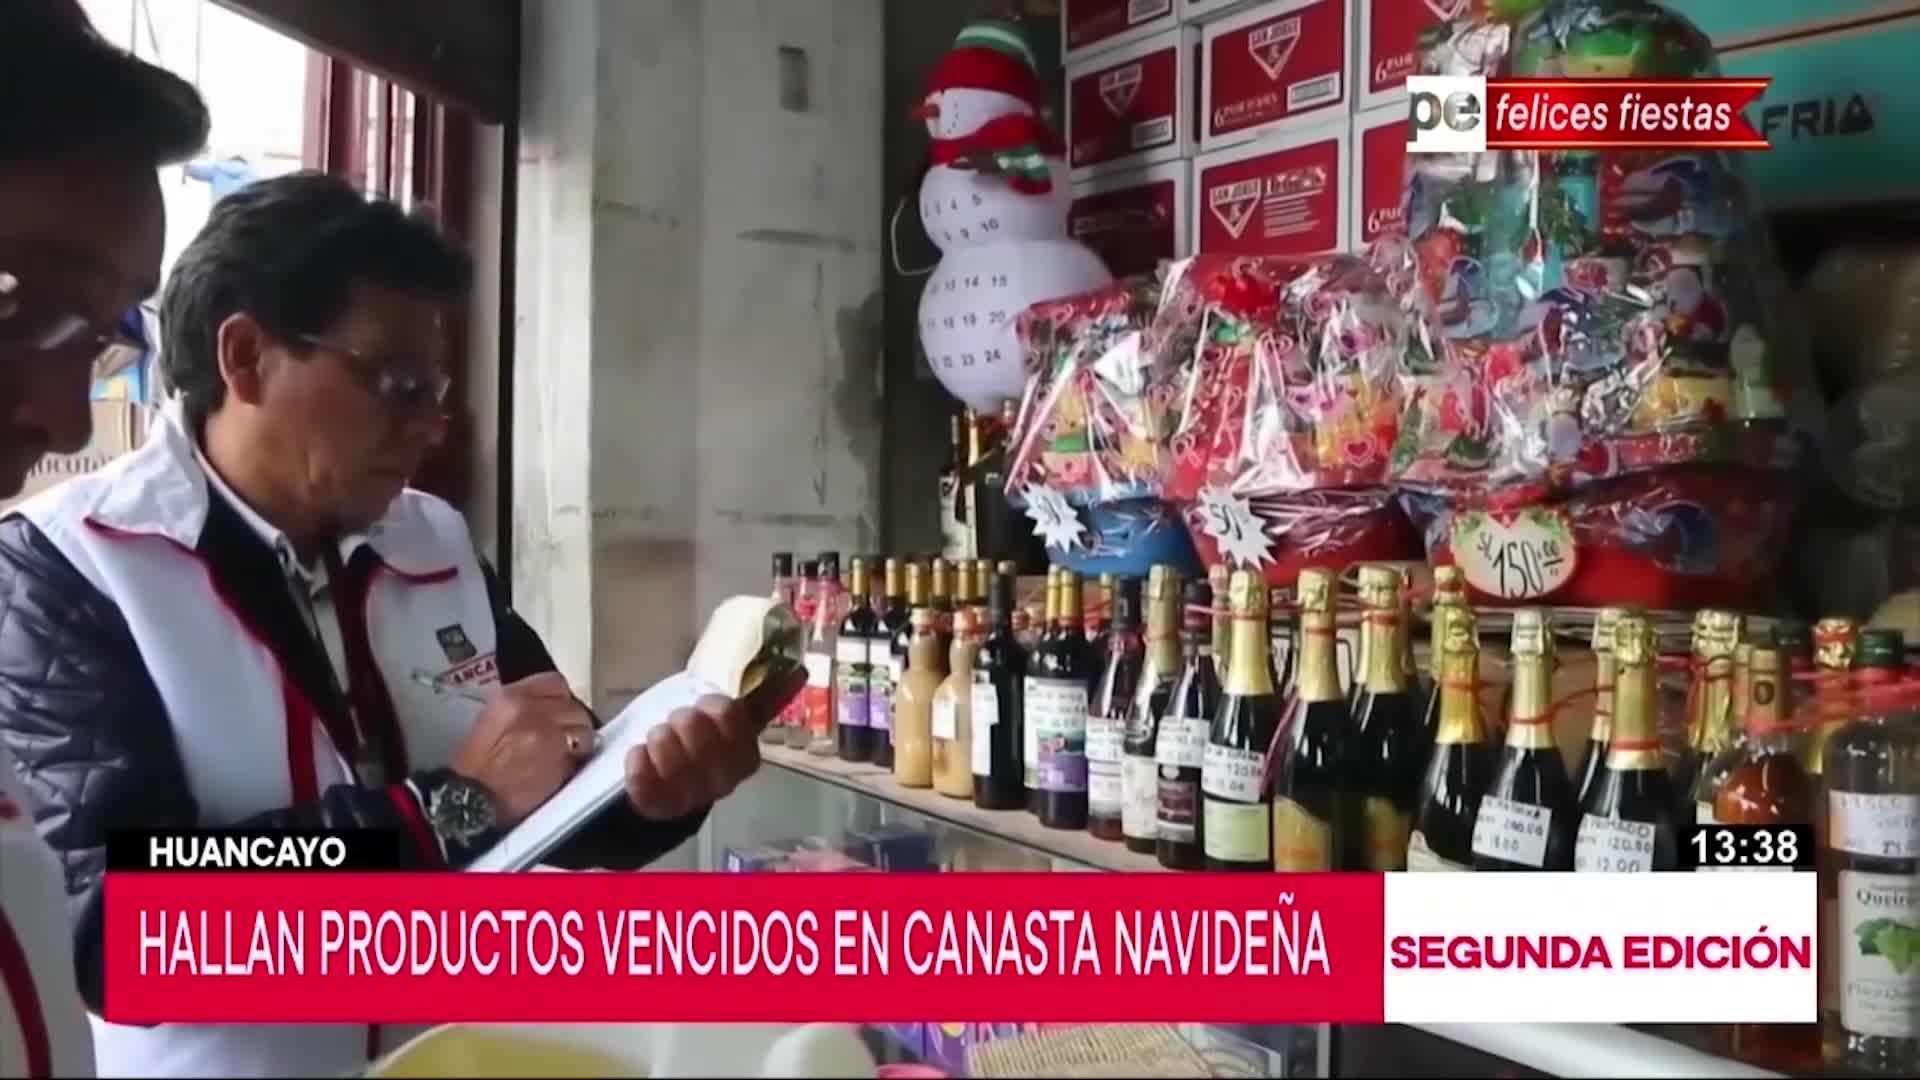 Huancayo: Comerciantes preparaban canastas navideñas con productos vencidos